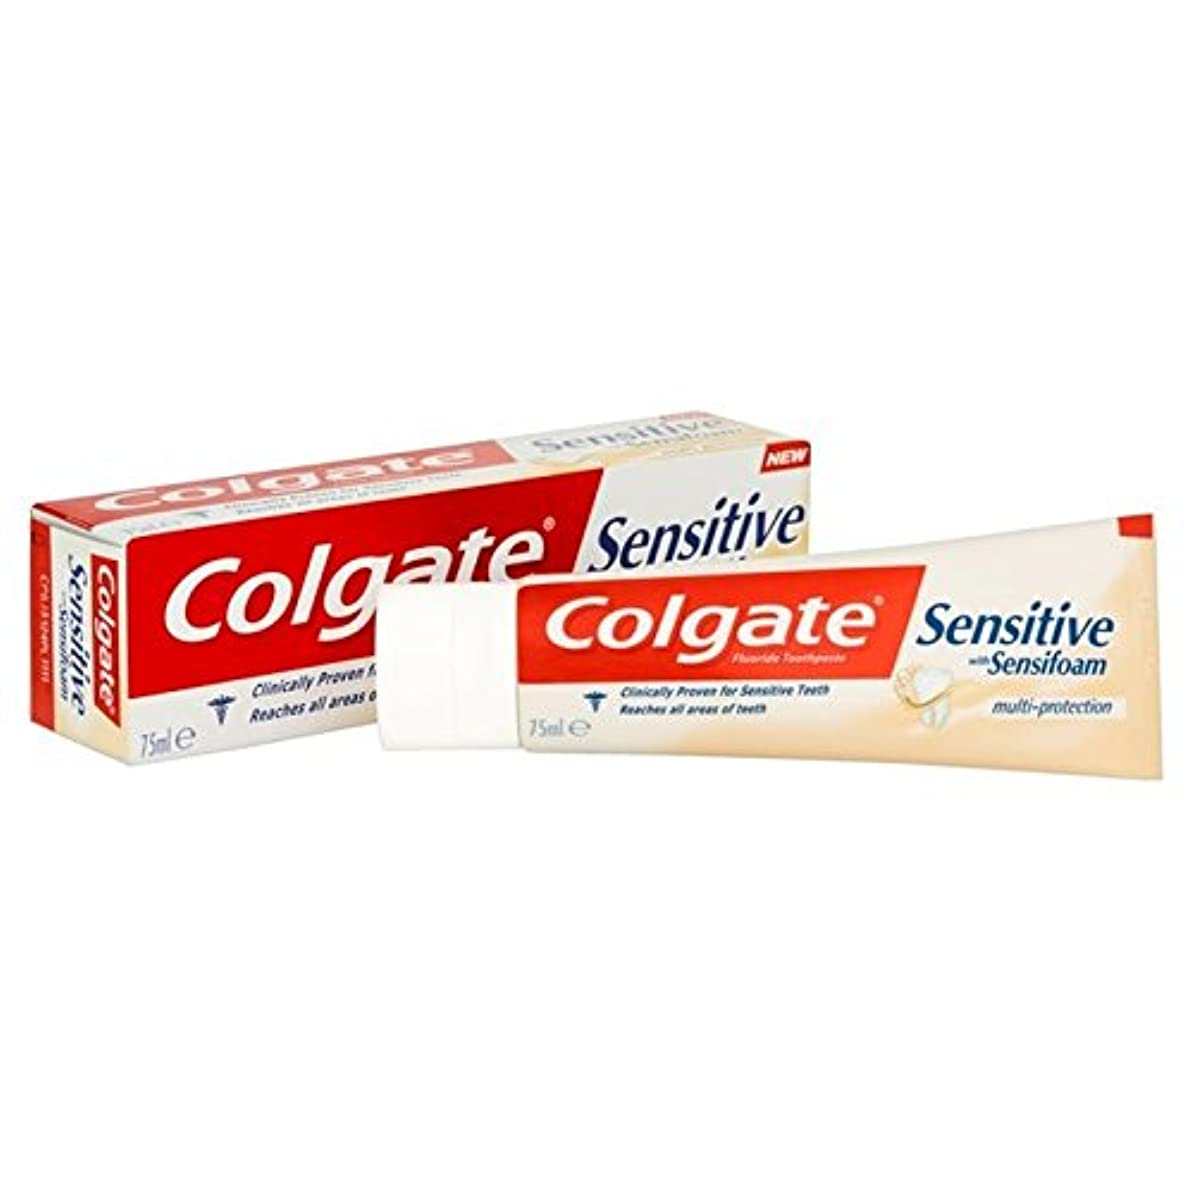 スプーン比類なき評議会Colgate Sensitive Foam Multi Protect Toothpaste 75ml - コルゲート敏感な泡は、マルチ歯磨き粉75ミリリットルを保護します [並行輸入品]